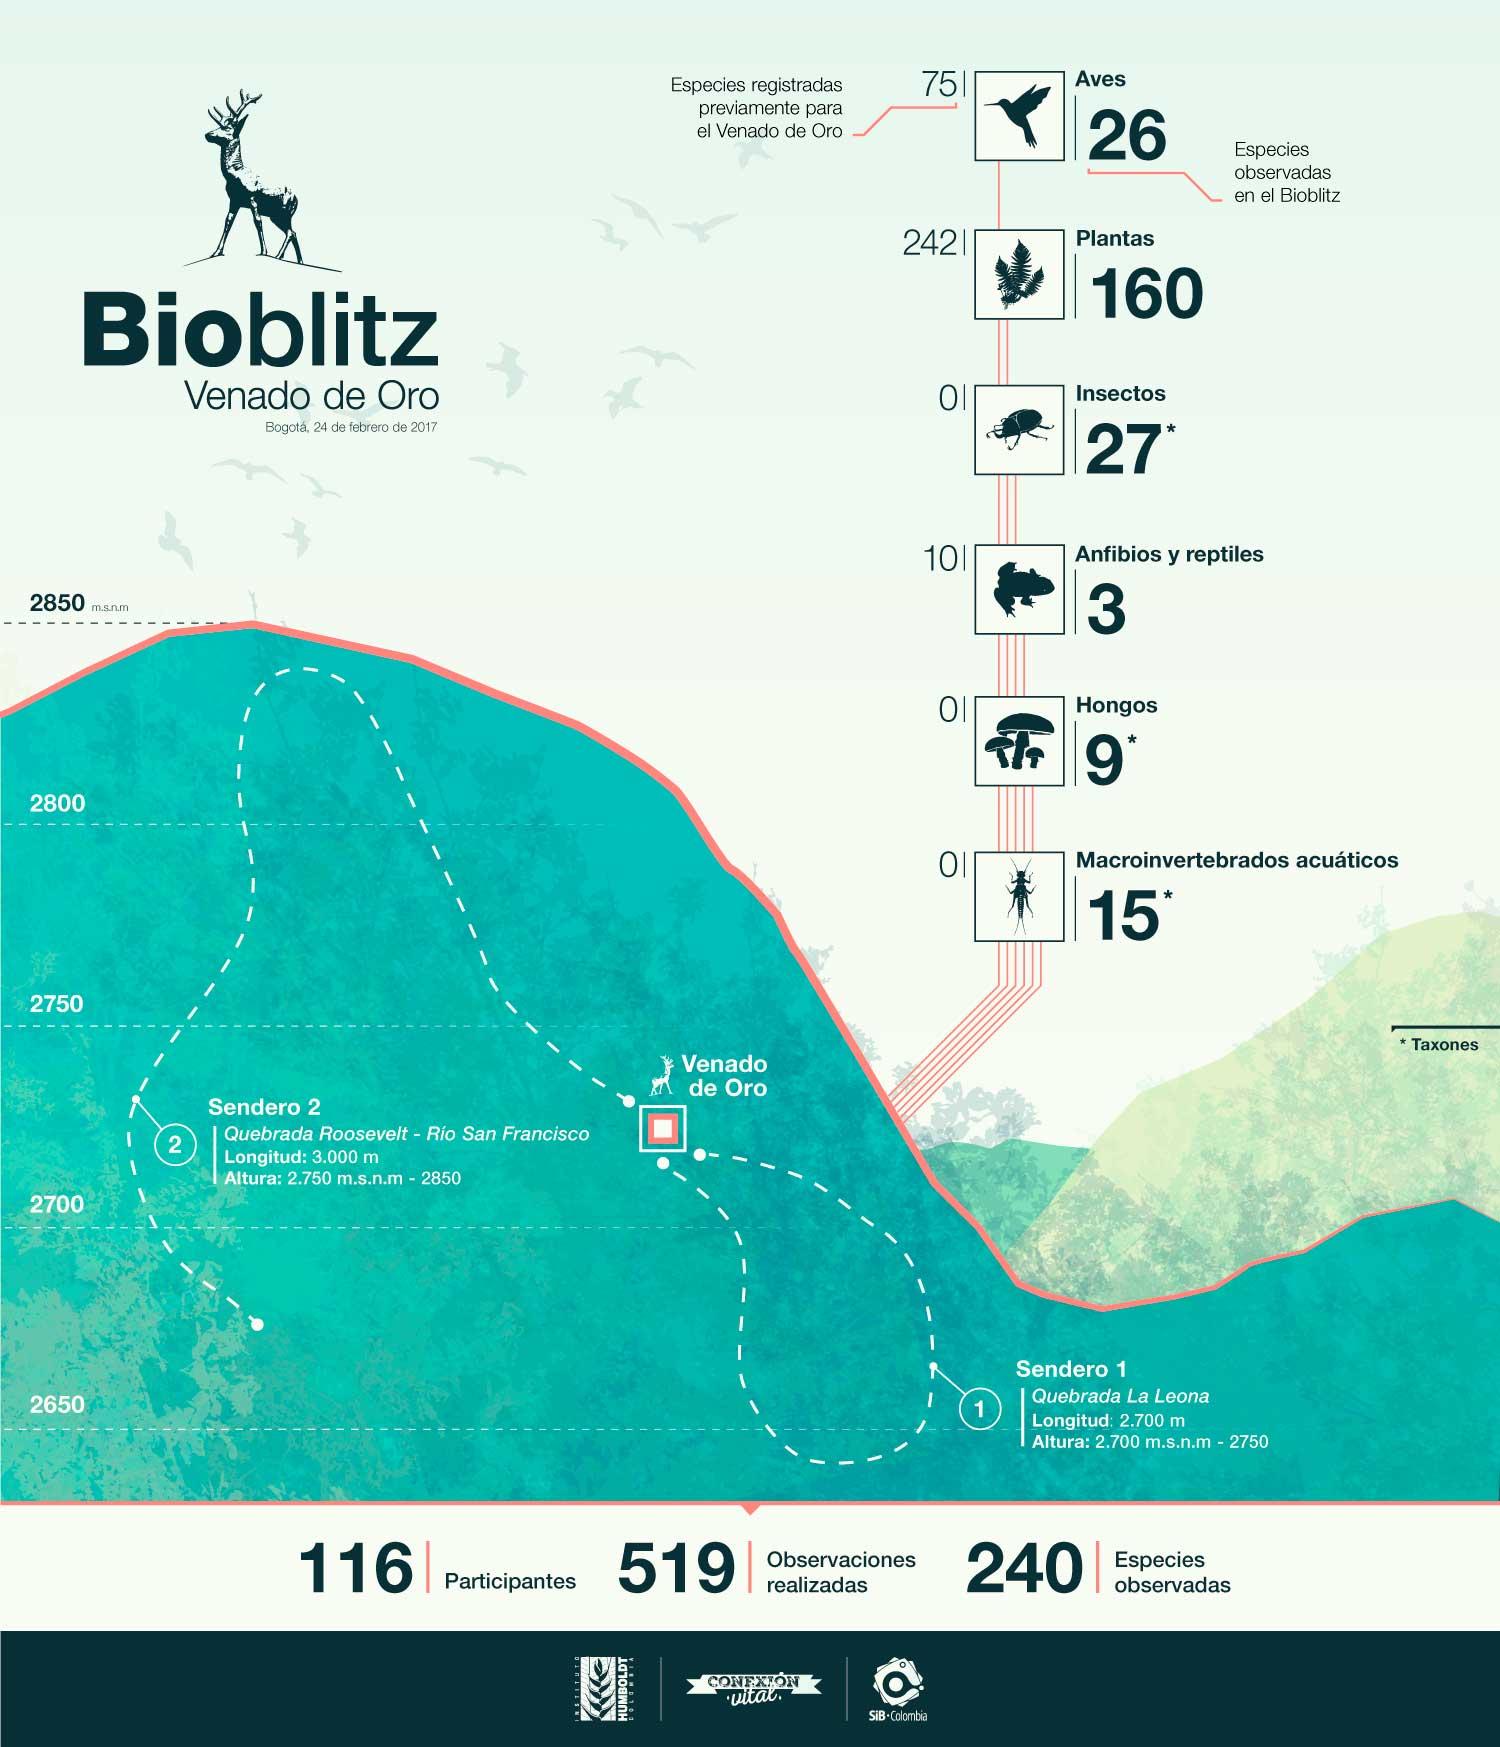 BioBlitz Venado de Oro